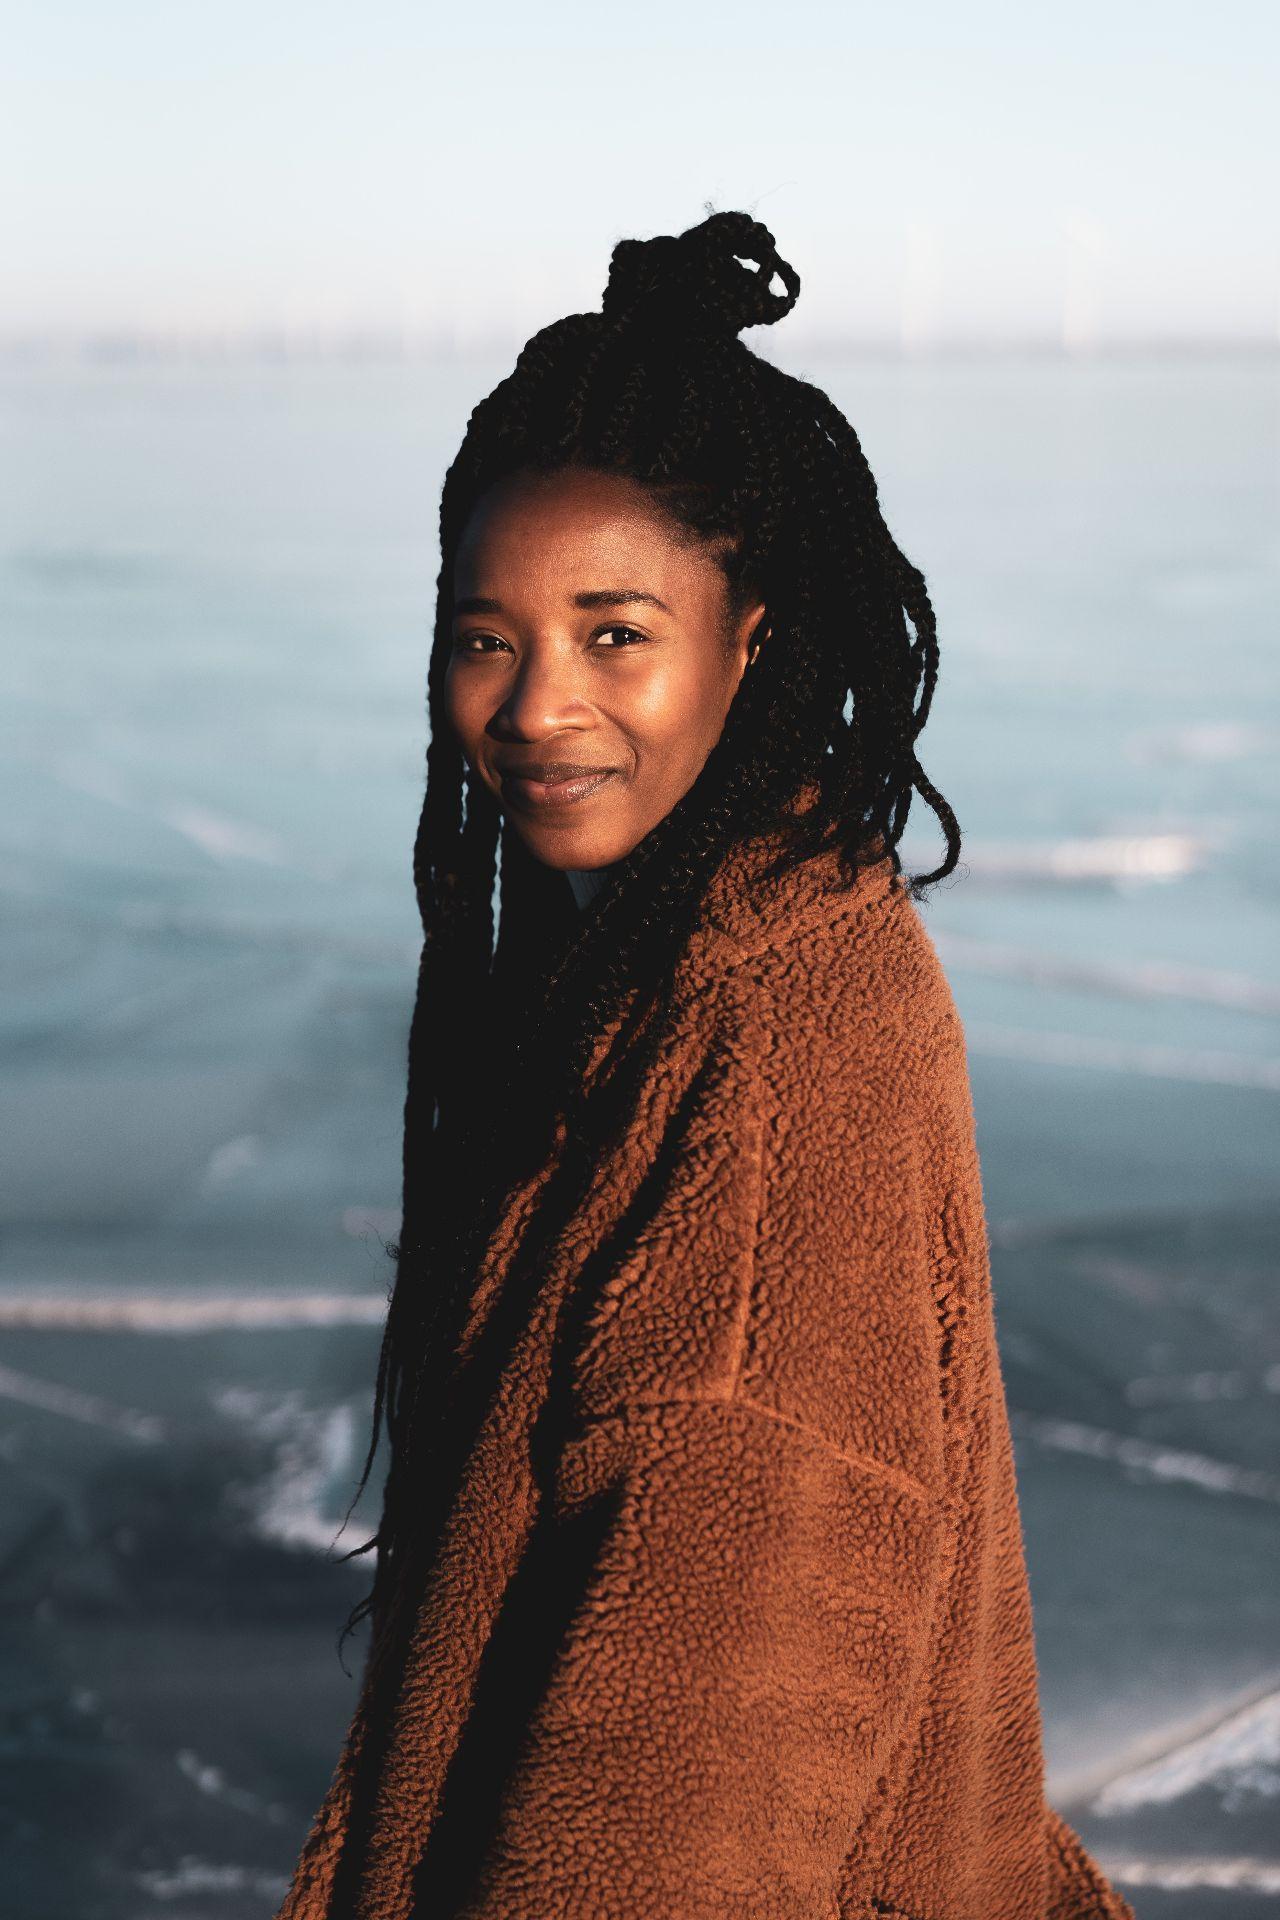 Jaleesa ontmoet God in muziek: 'Zingen is voor mij als een gebed'